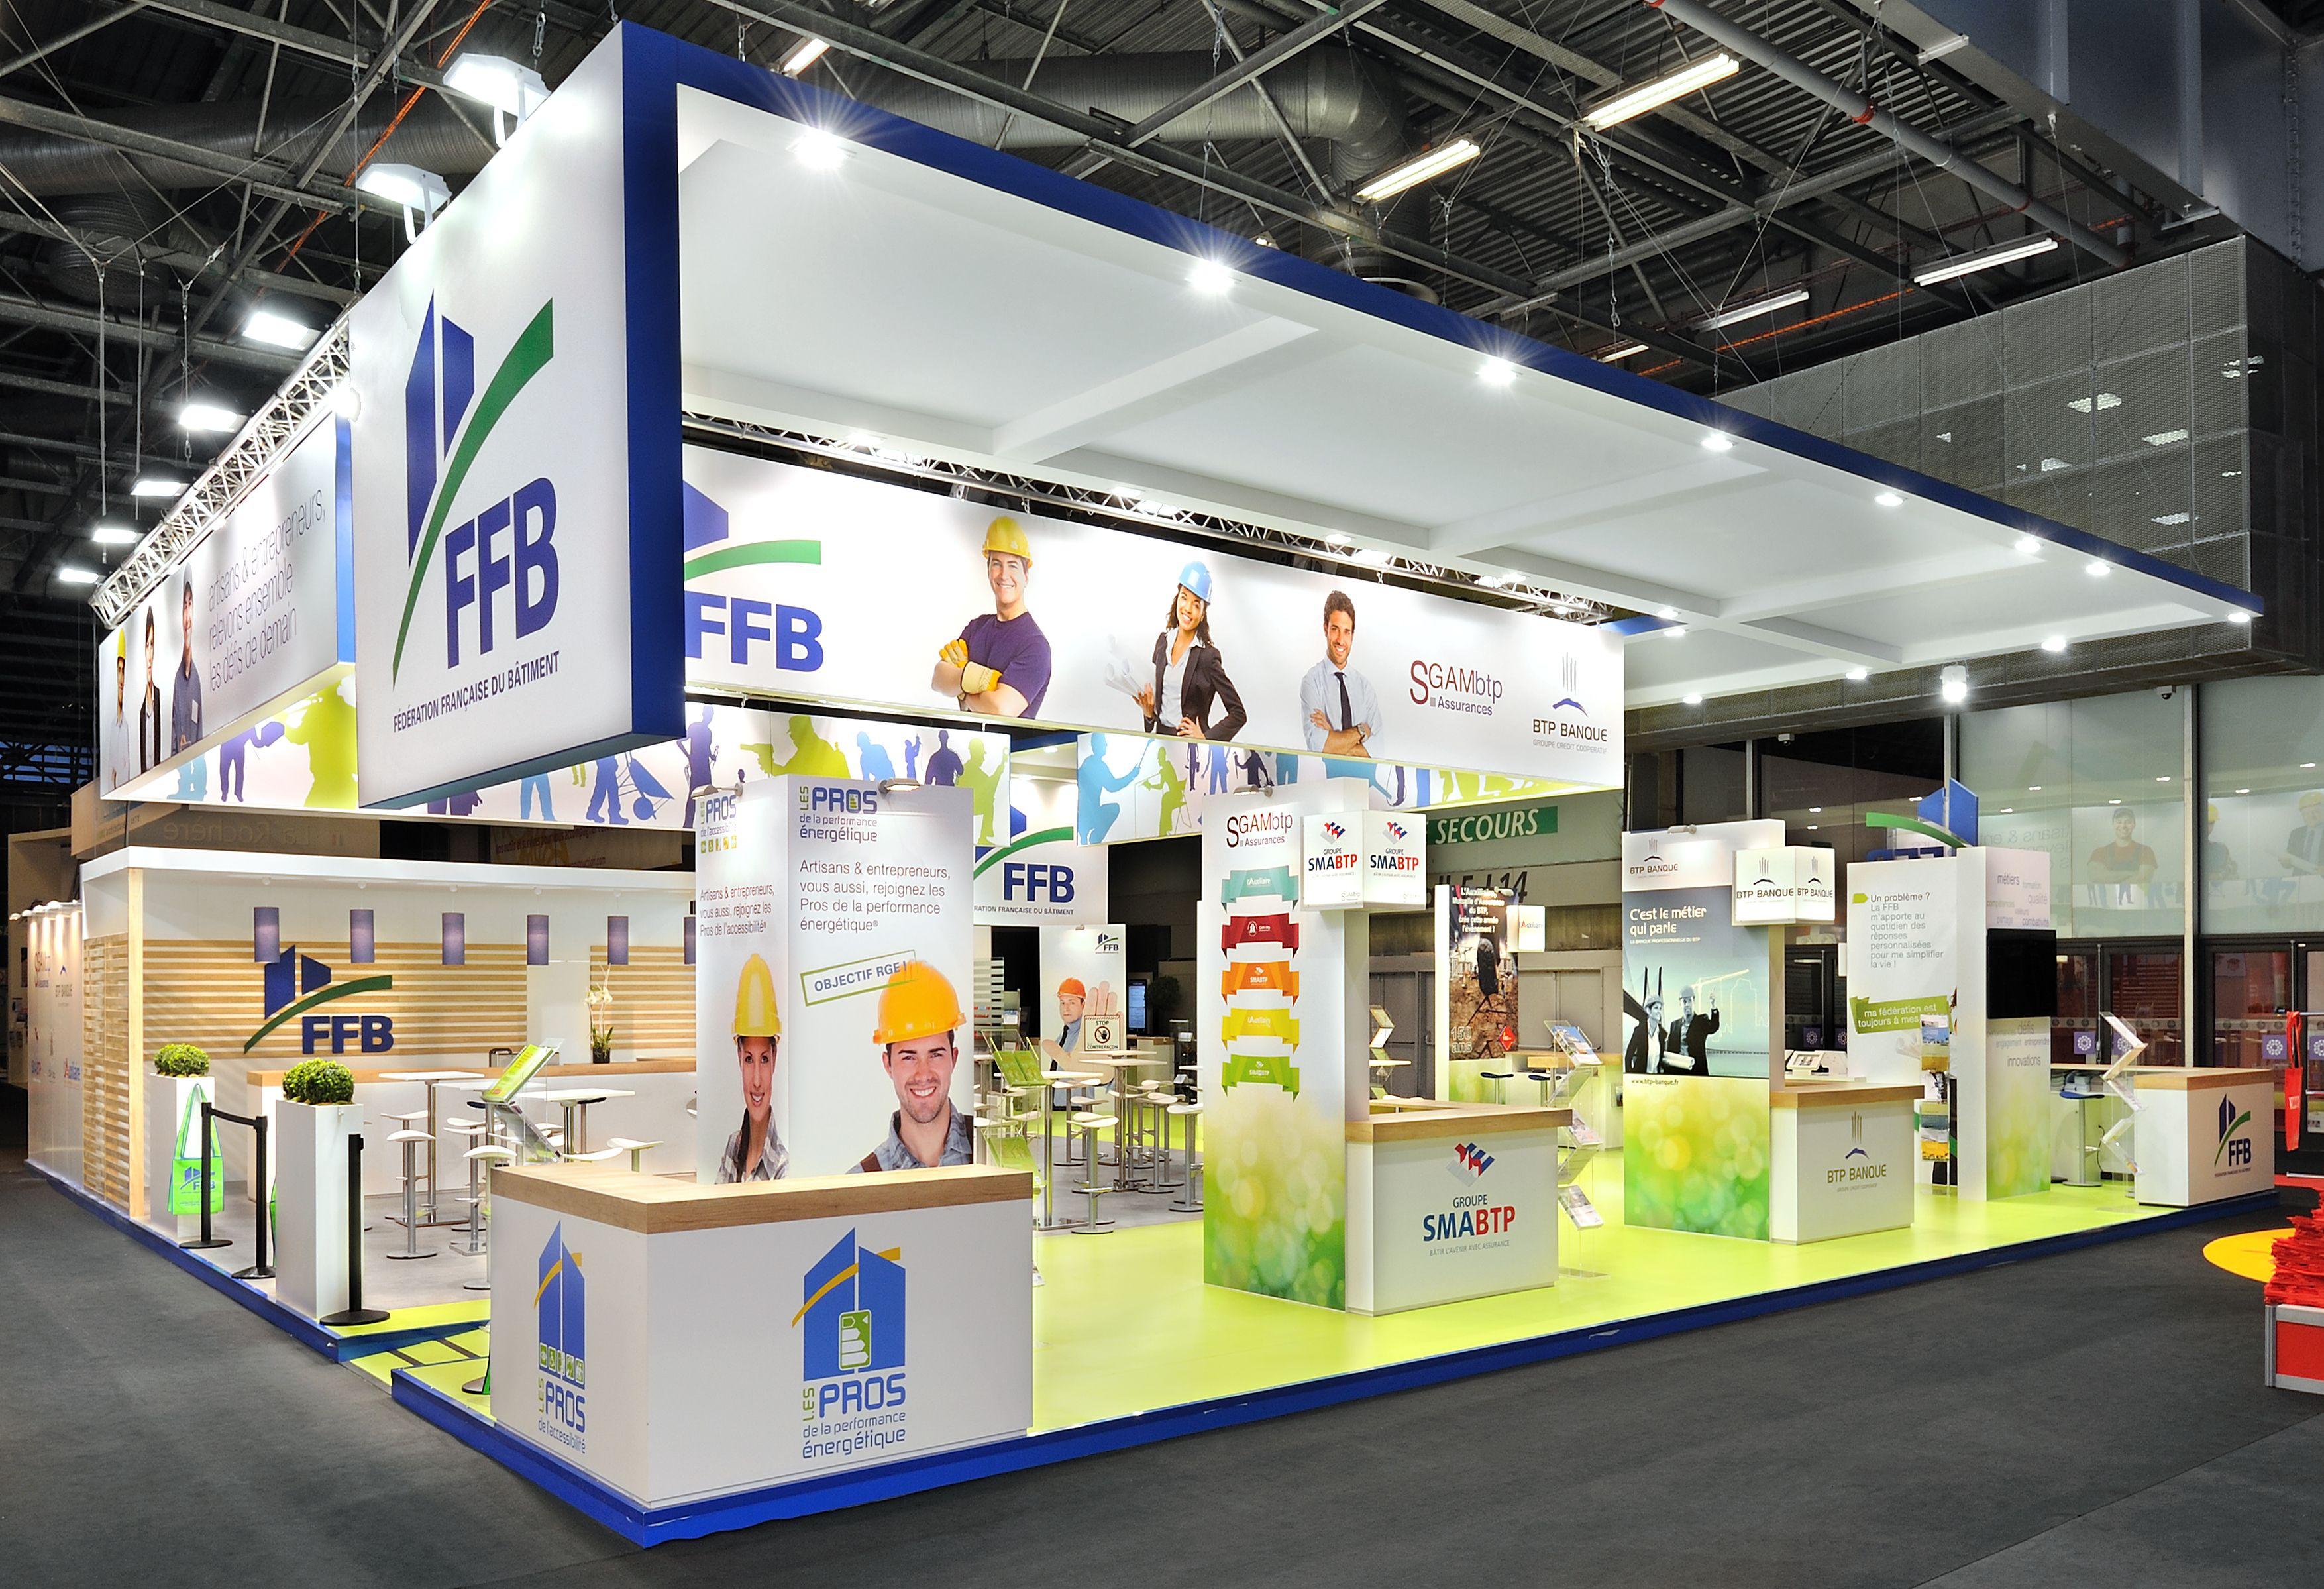 Exhibition Stand Wall : Salon batimat designdelevenement design stand ☆ exhibit